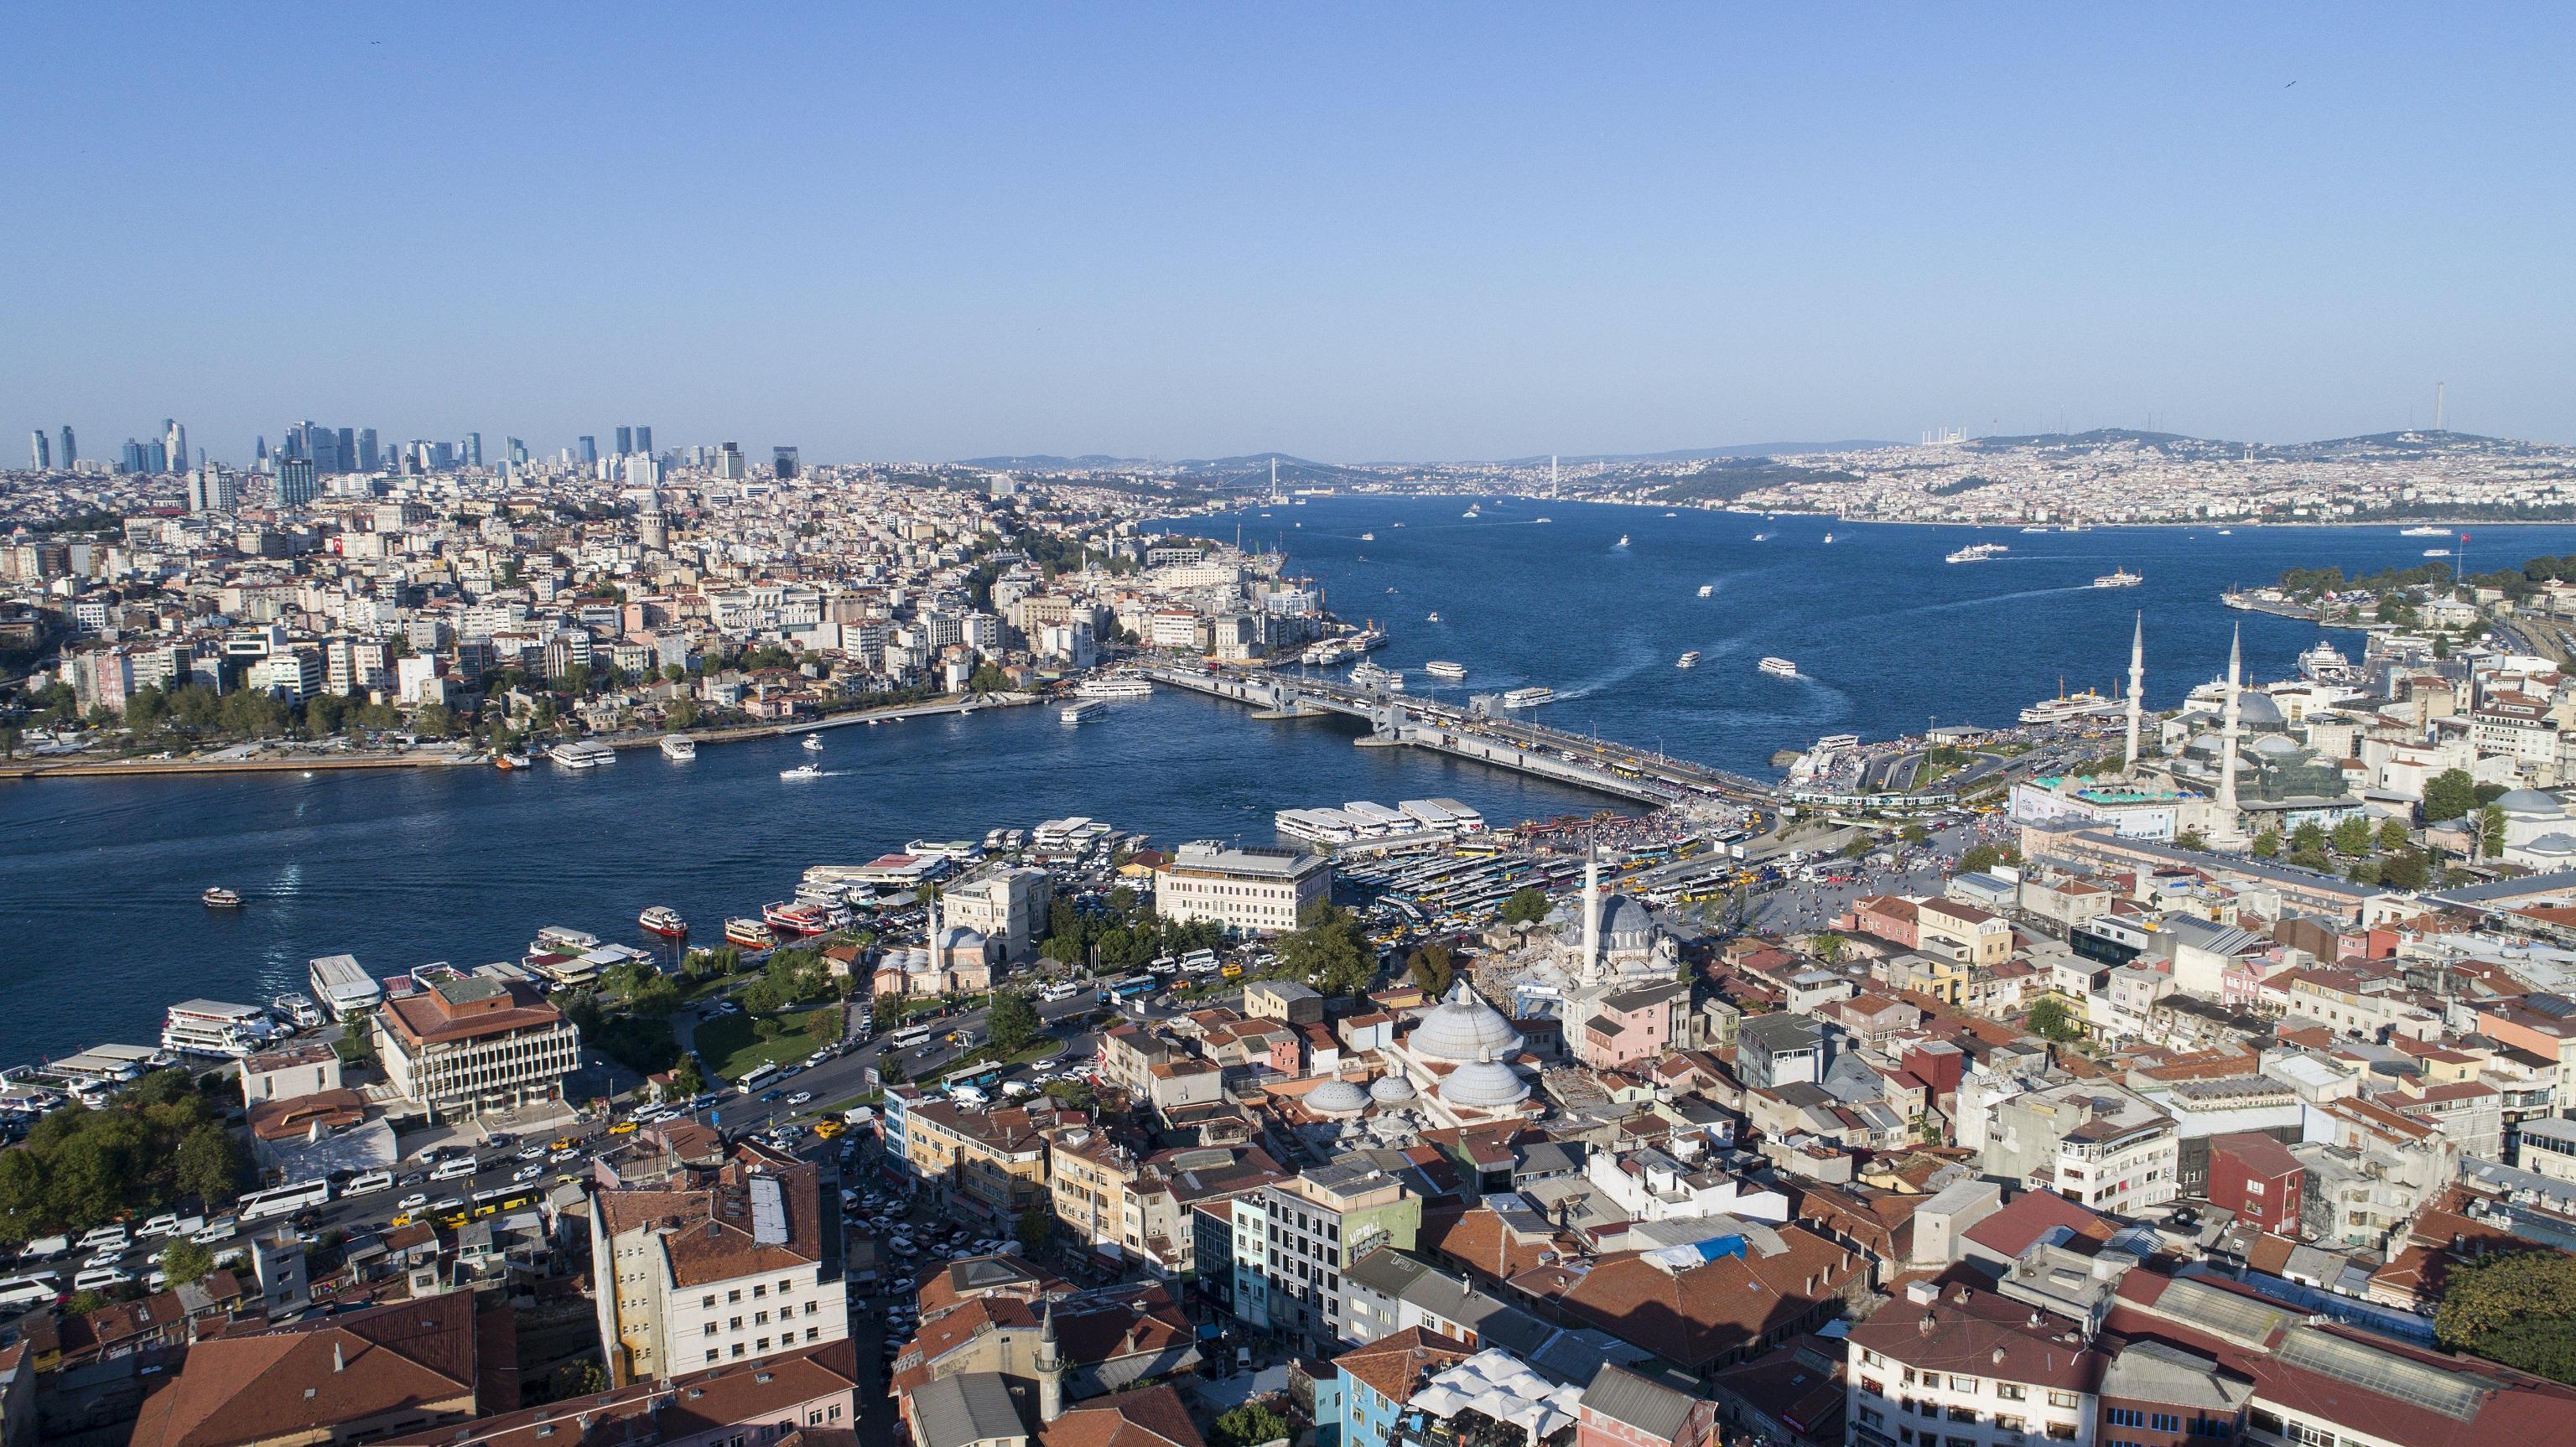 Viaggiare in Turchia è sicuro? Le zone più a rischio attentati e sequestri